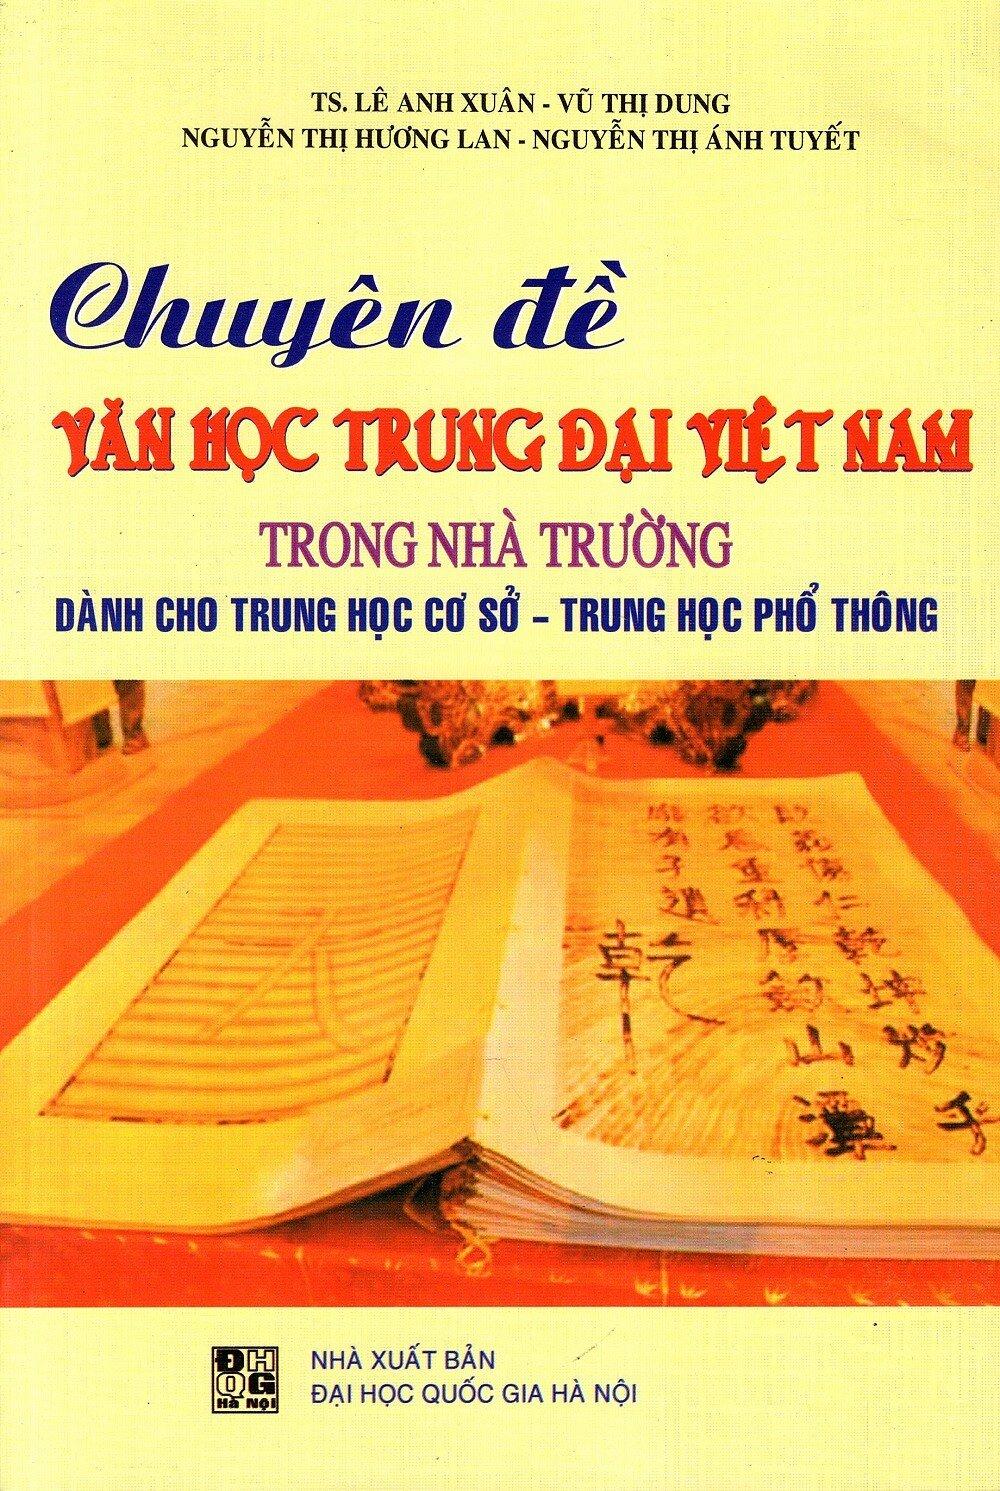 Chuyên Đề Văn Học Trung Đại Việt Nam Trong Nhà Trường